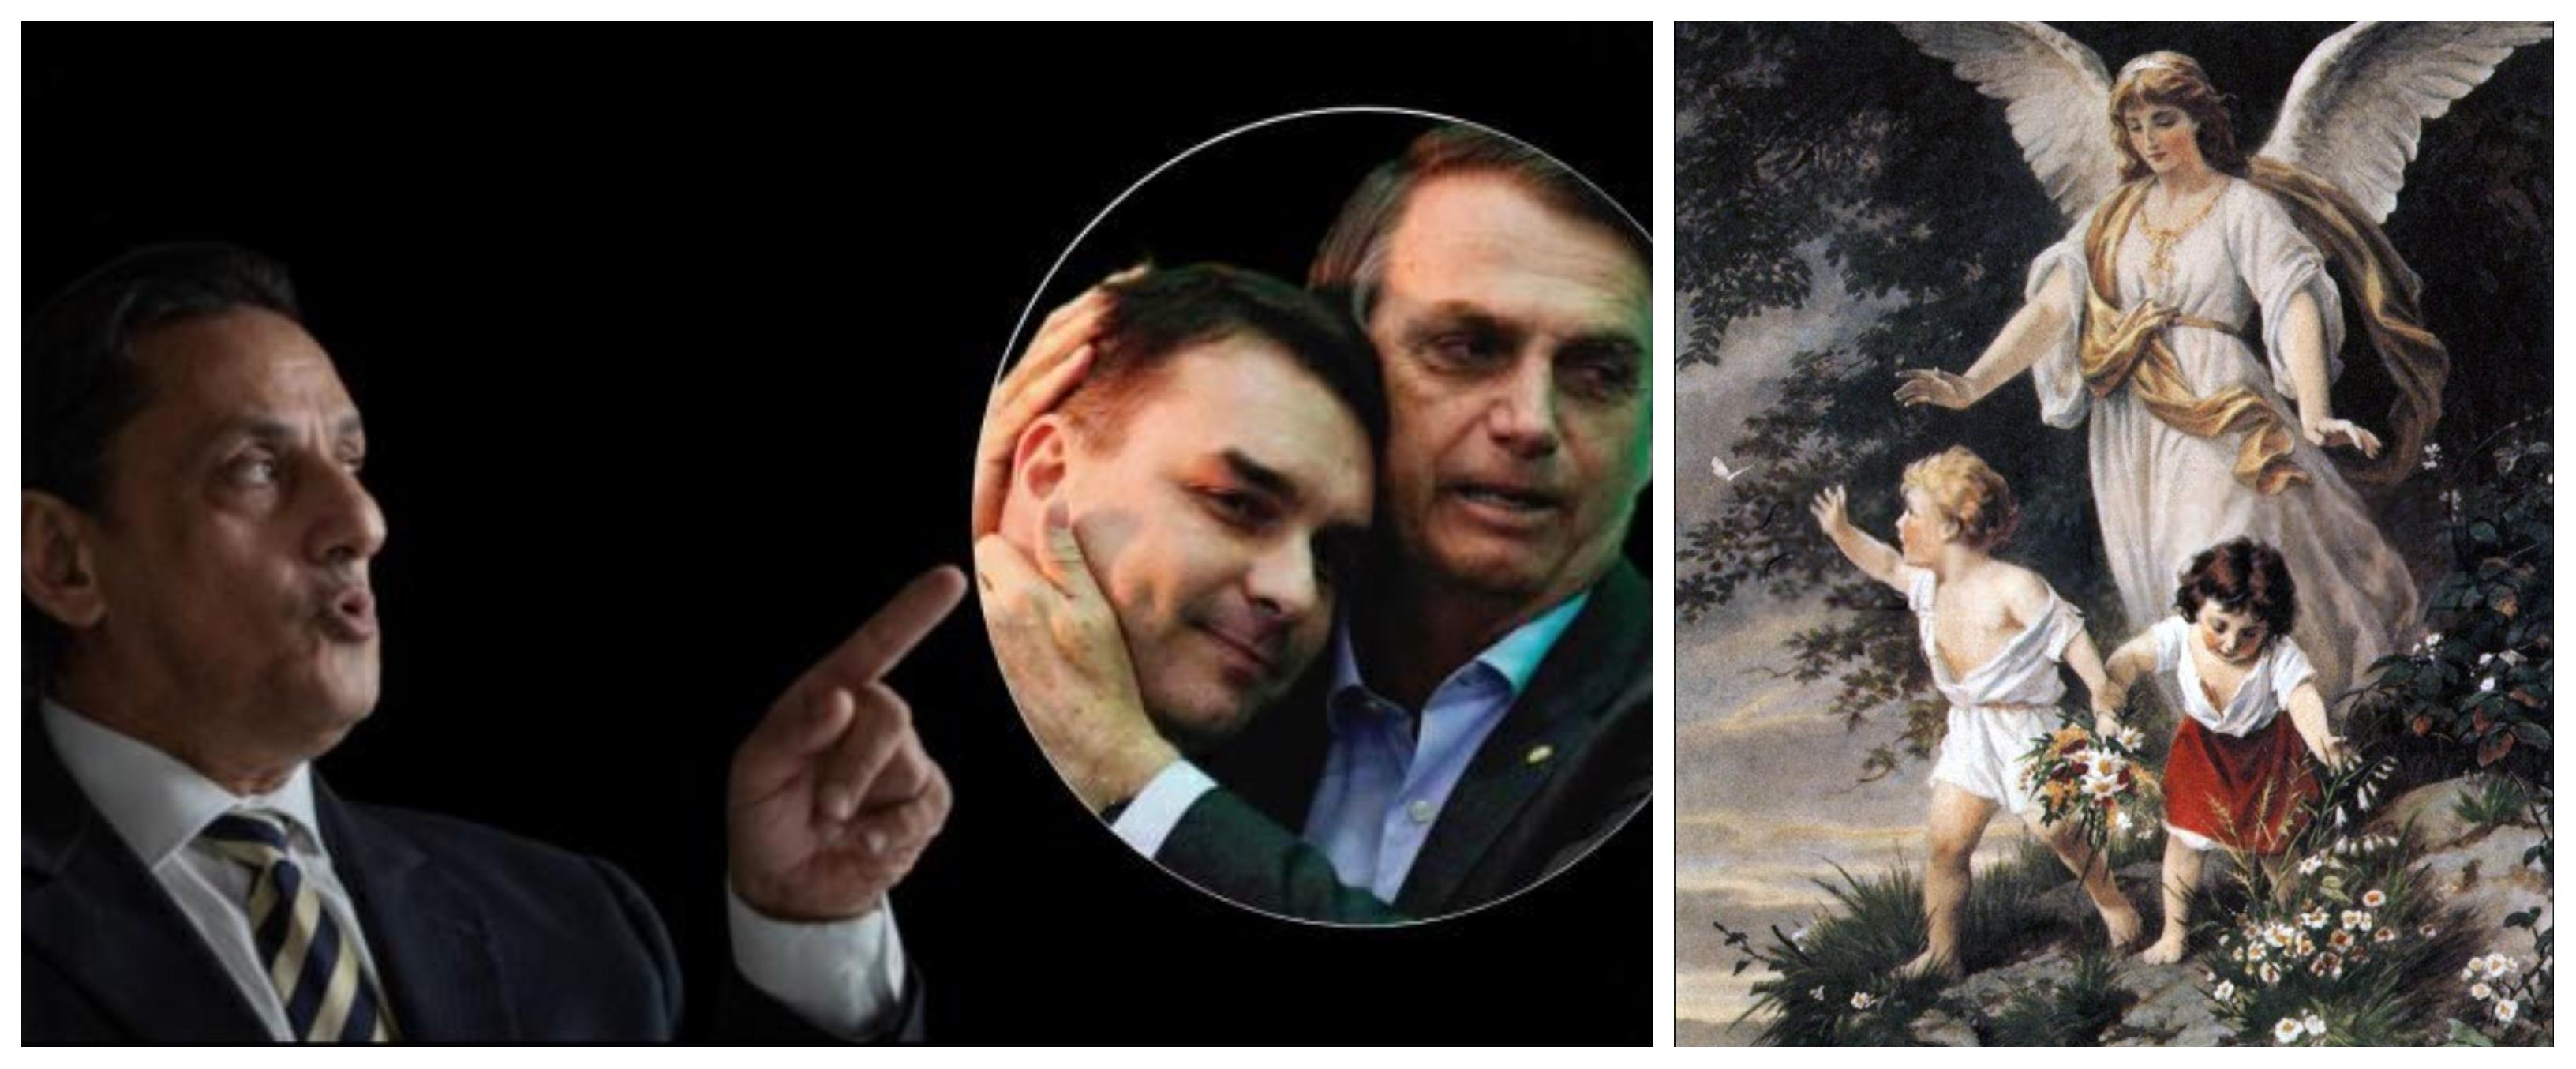 Dr. Rosinha, sobre anjos e Anjo: O dos Bolsonaro não tem asas, mas se falar, o céu desaba